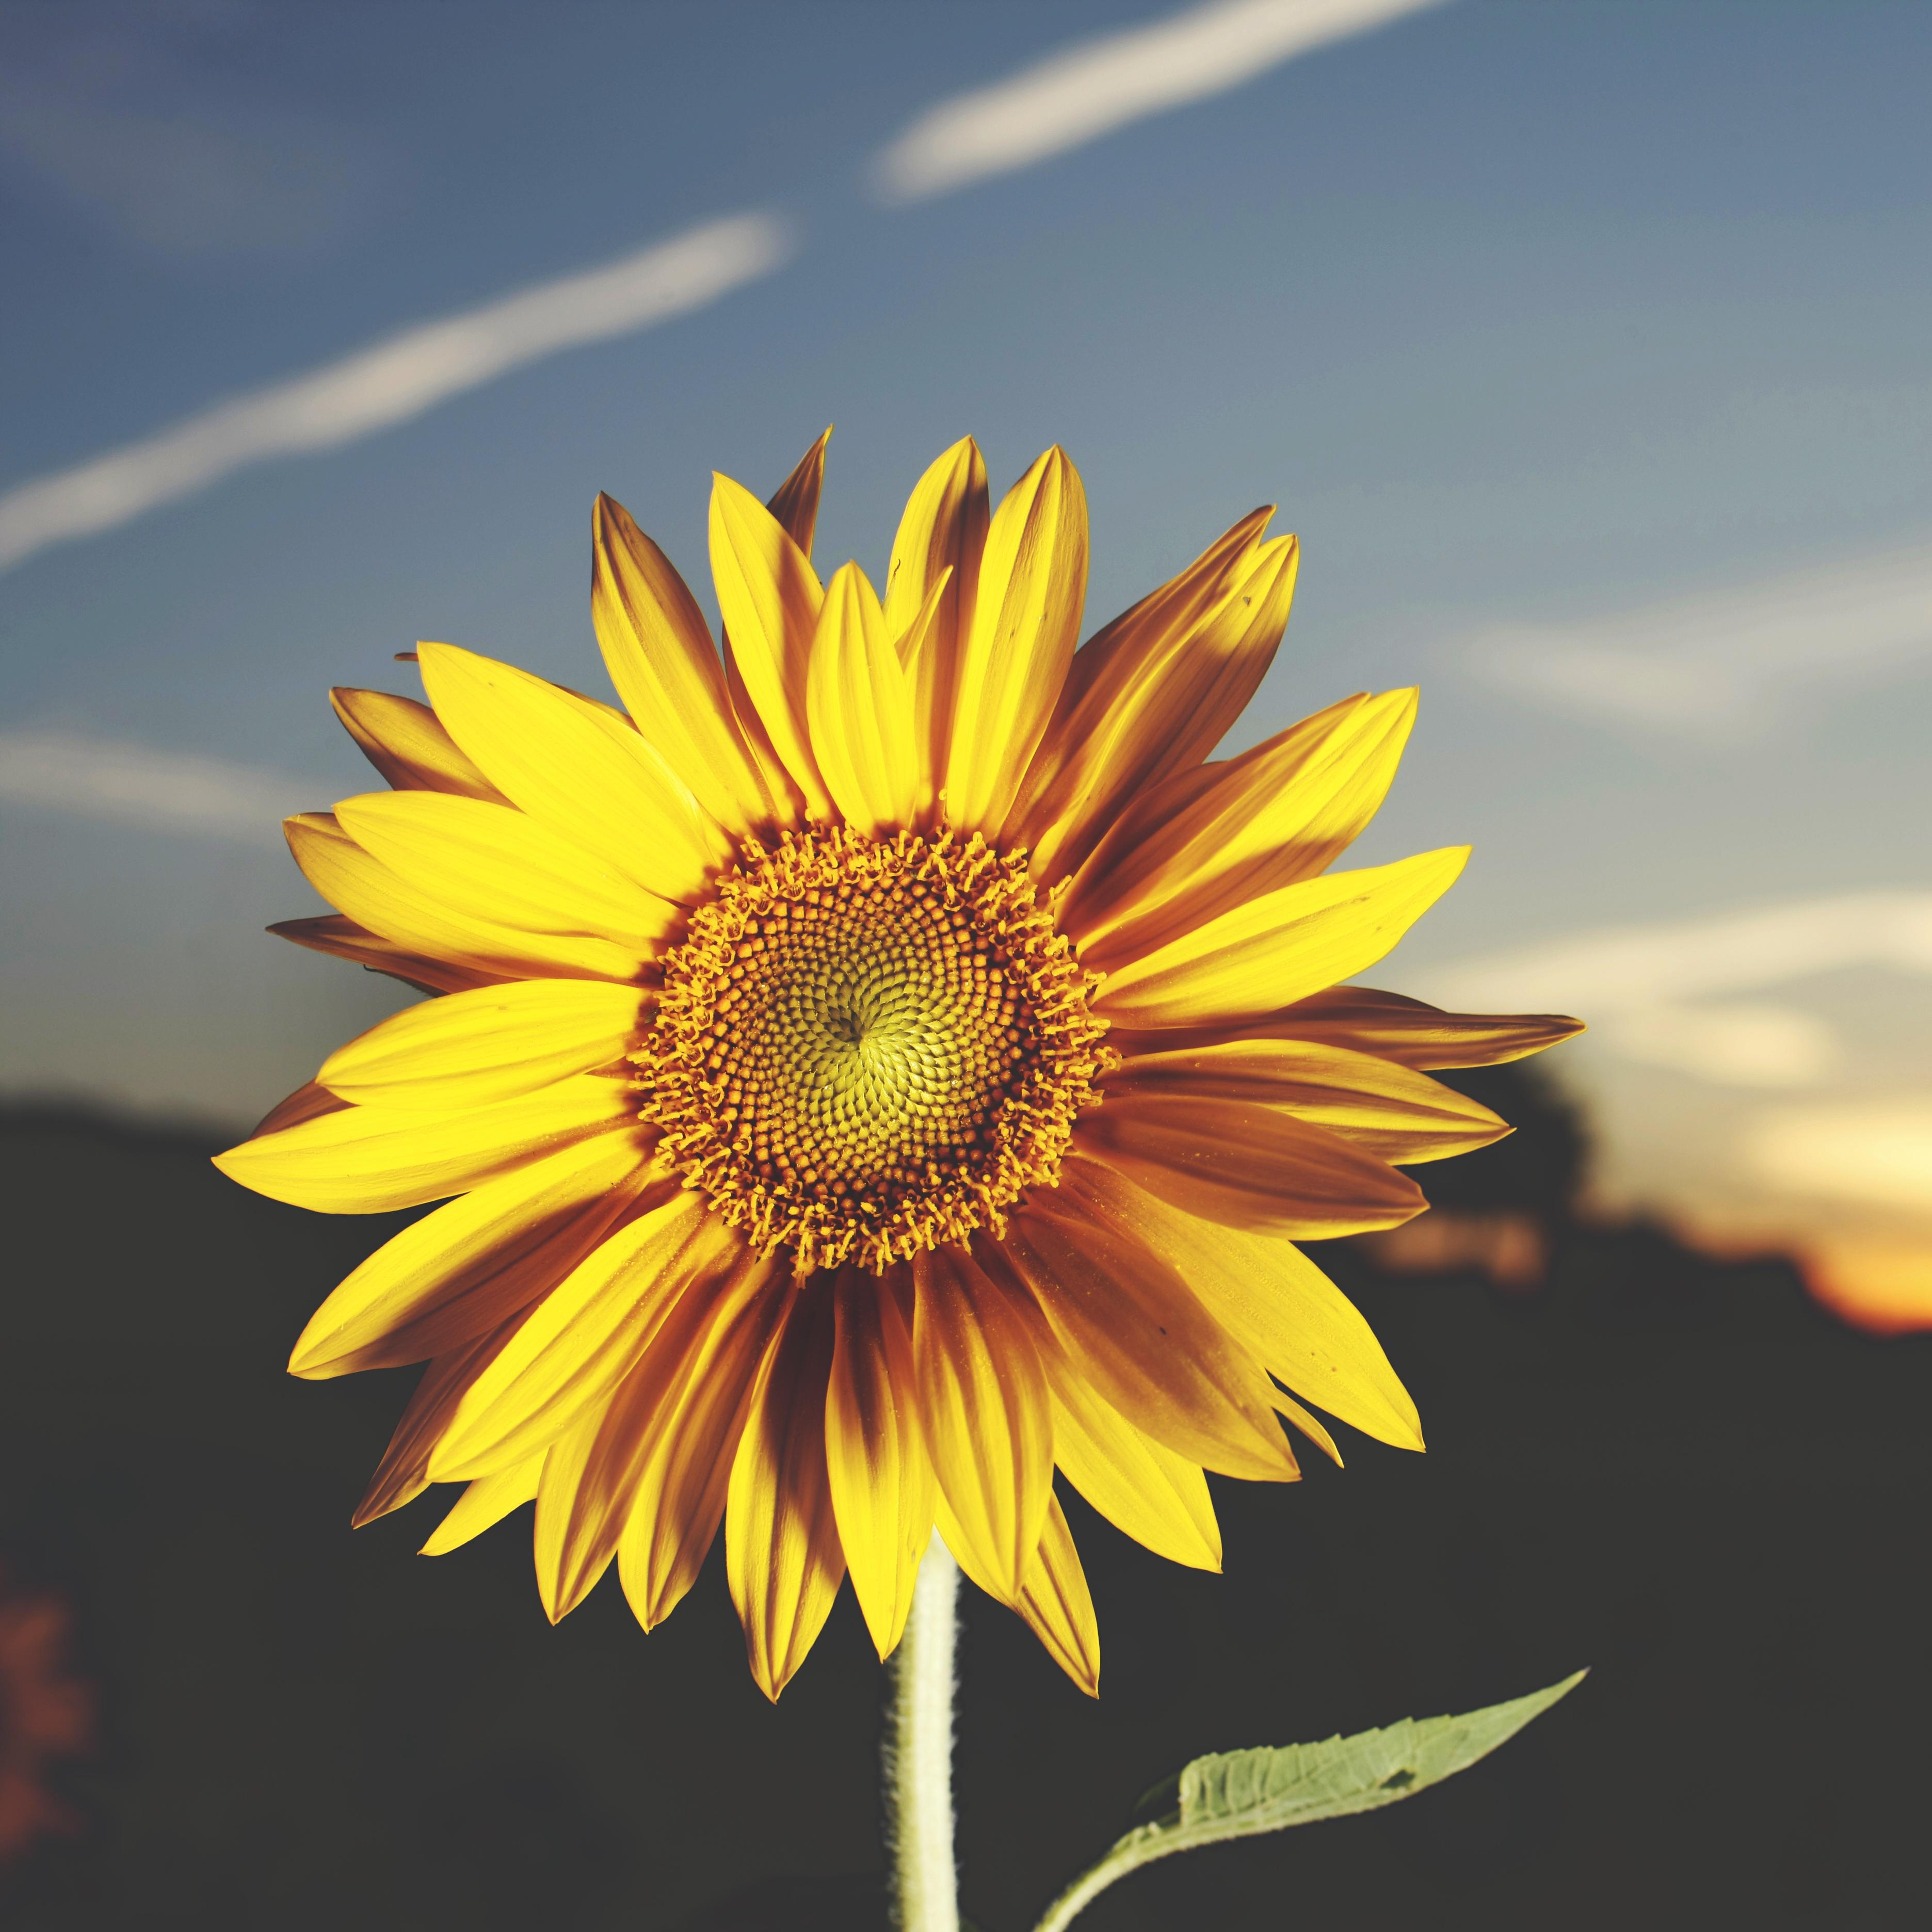 Download 740 Koleksi Gambar Bunga-bunga Yang Bagus Gratis